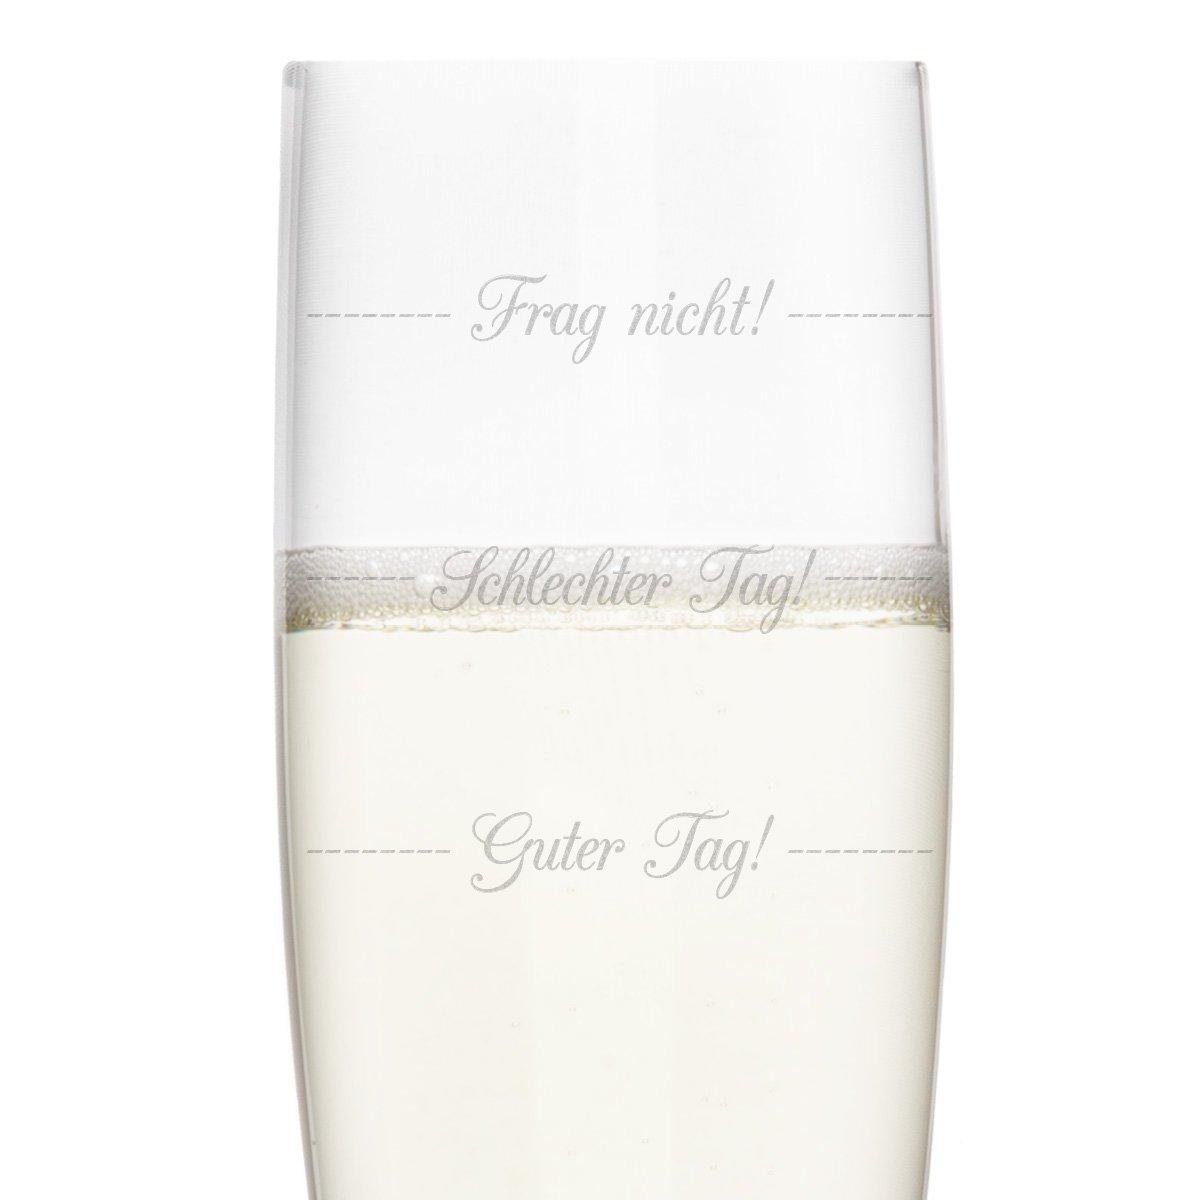 KIXY Sektglas von Leonardo Geschenk Gravur Geburtstag Hochzeit Schlechter Tag Guter Tag Frag nicht!